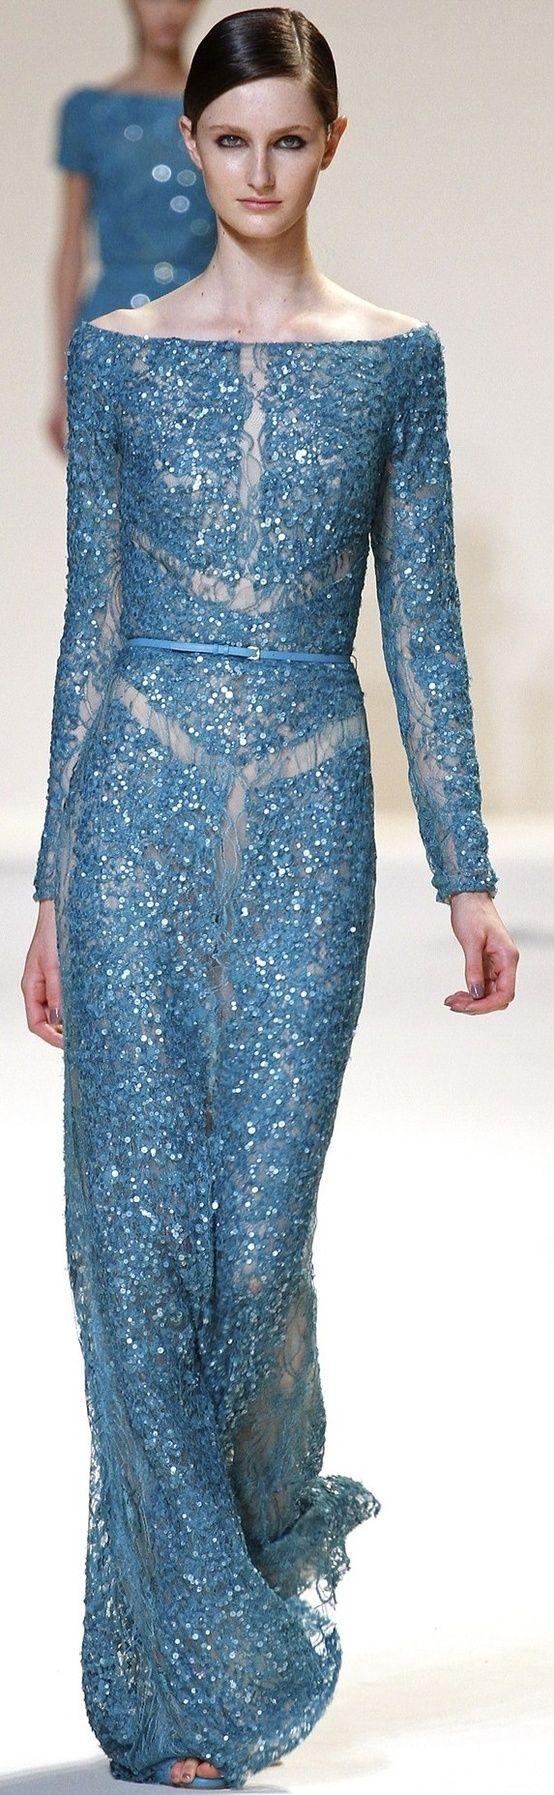 Me encantan los diseños de la firma Elie Saab. Son muy femeninos y sensuales.